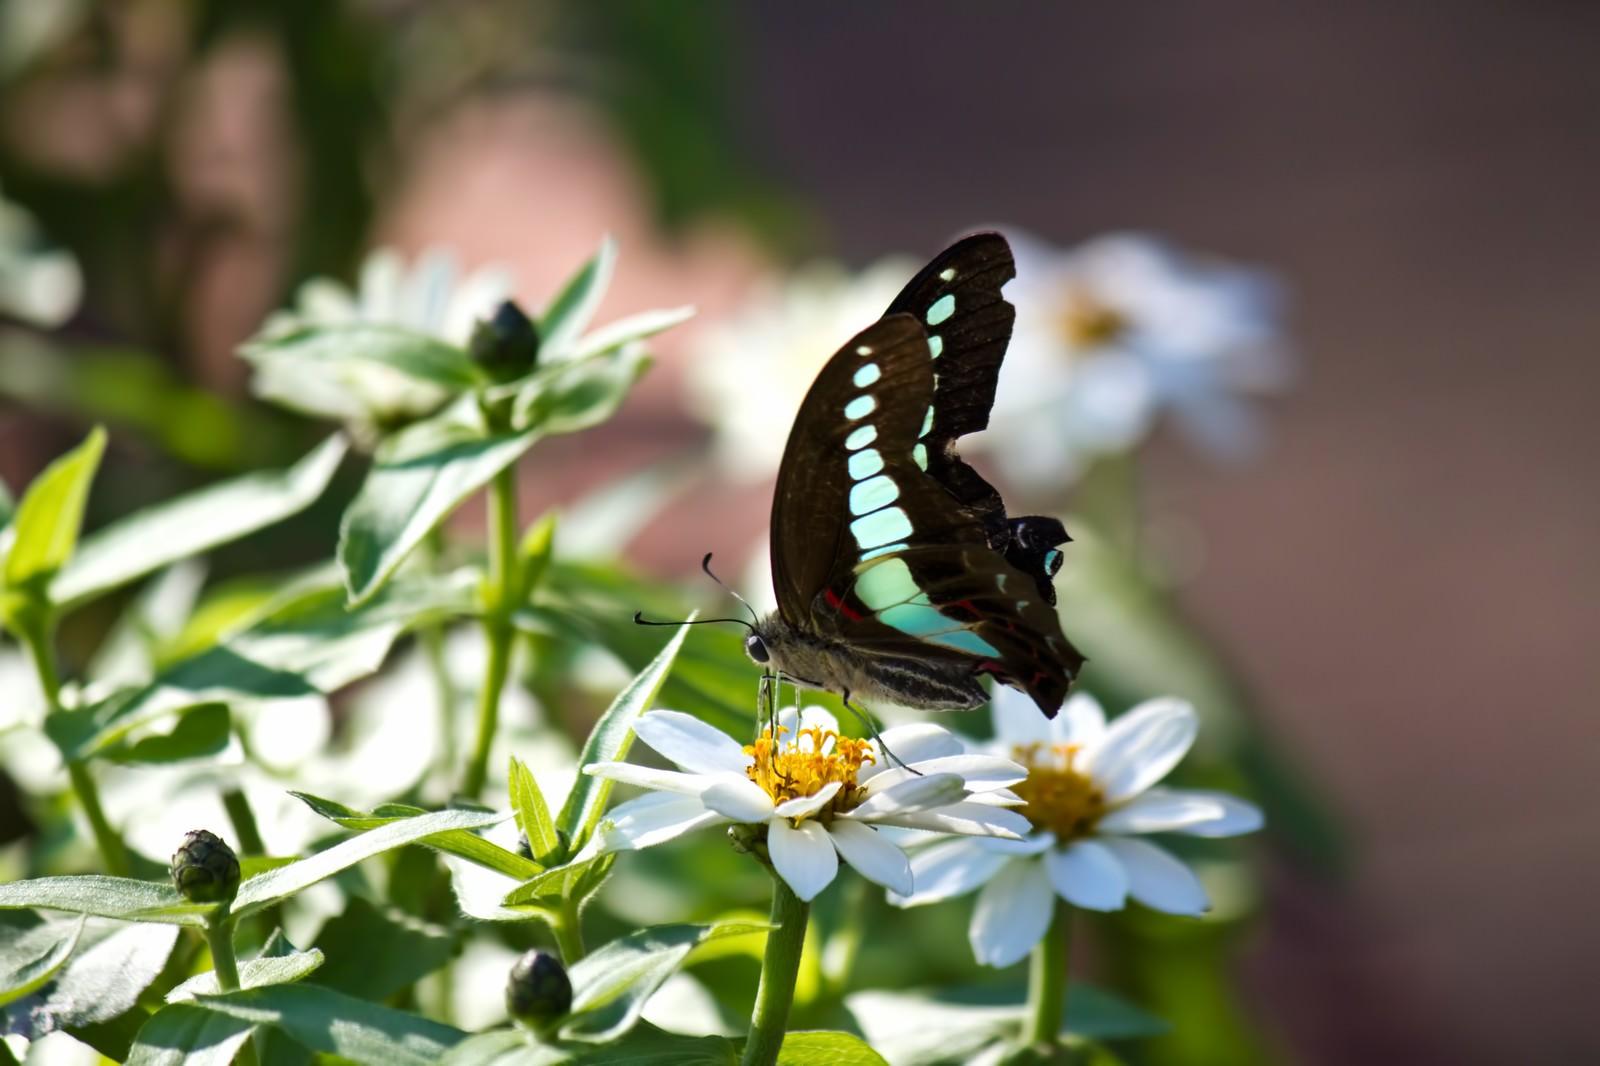 「蜜を吸うアオスジアゲハ」の写真